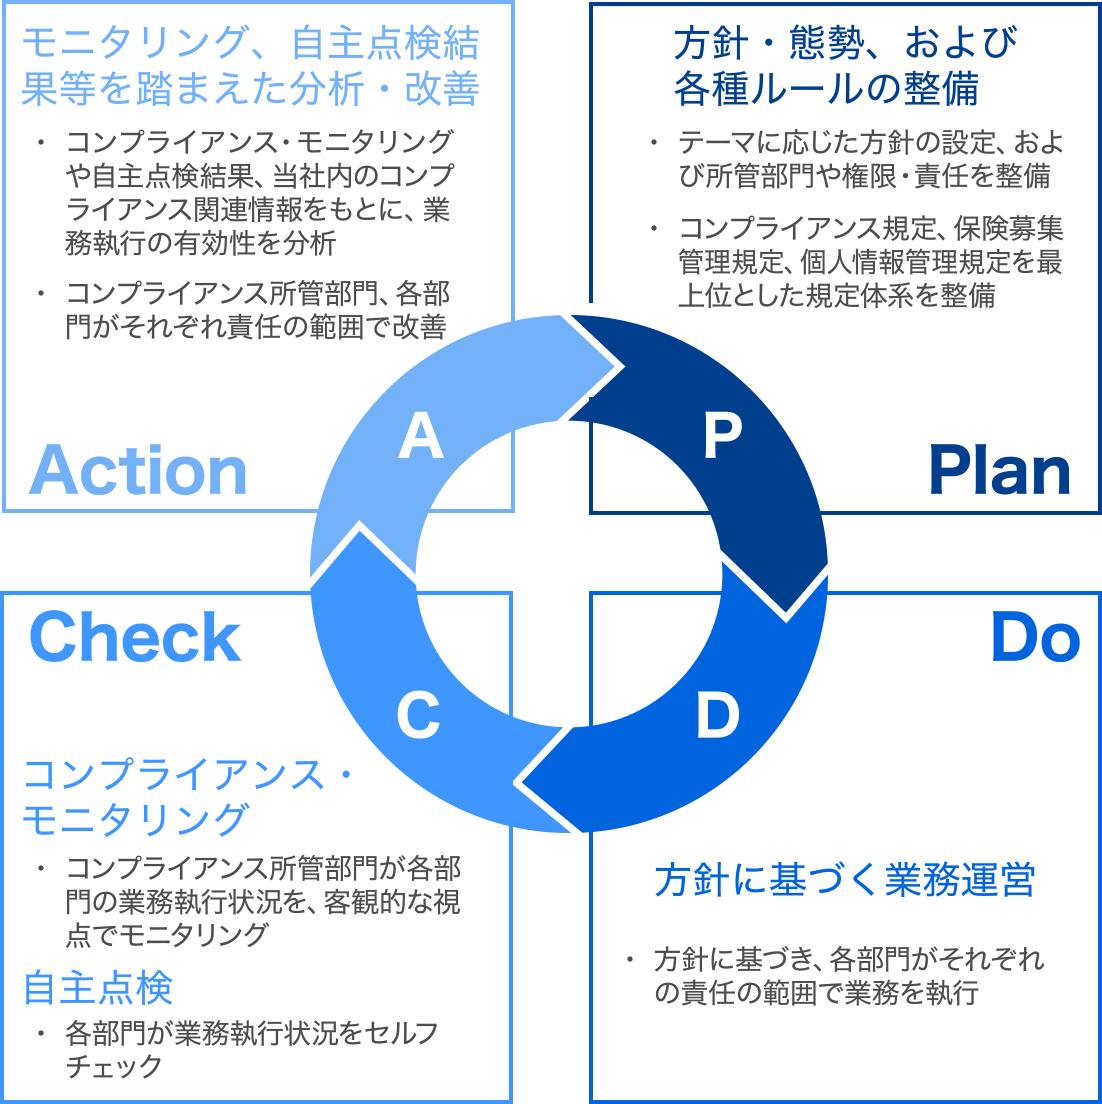 PDCAリサイクル